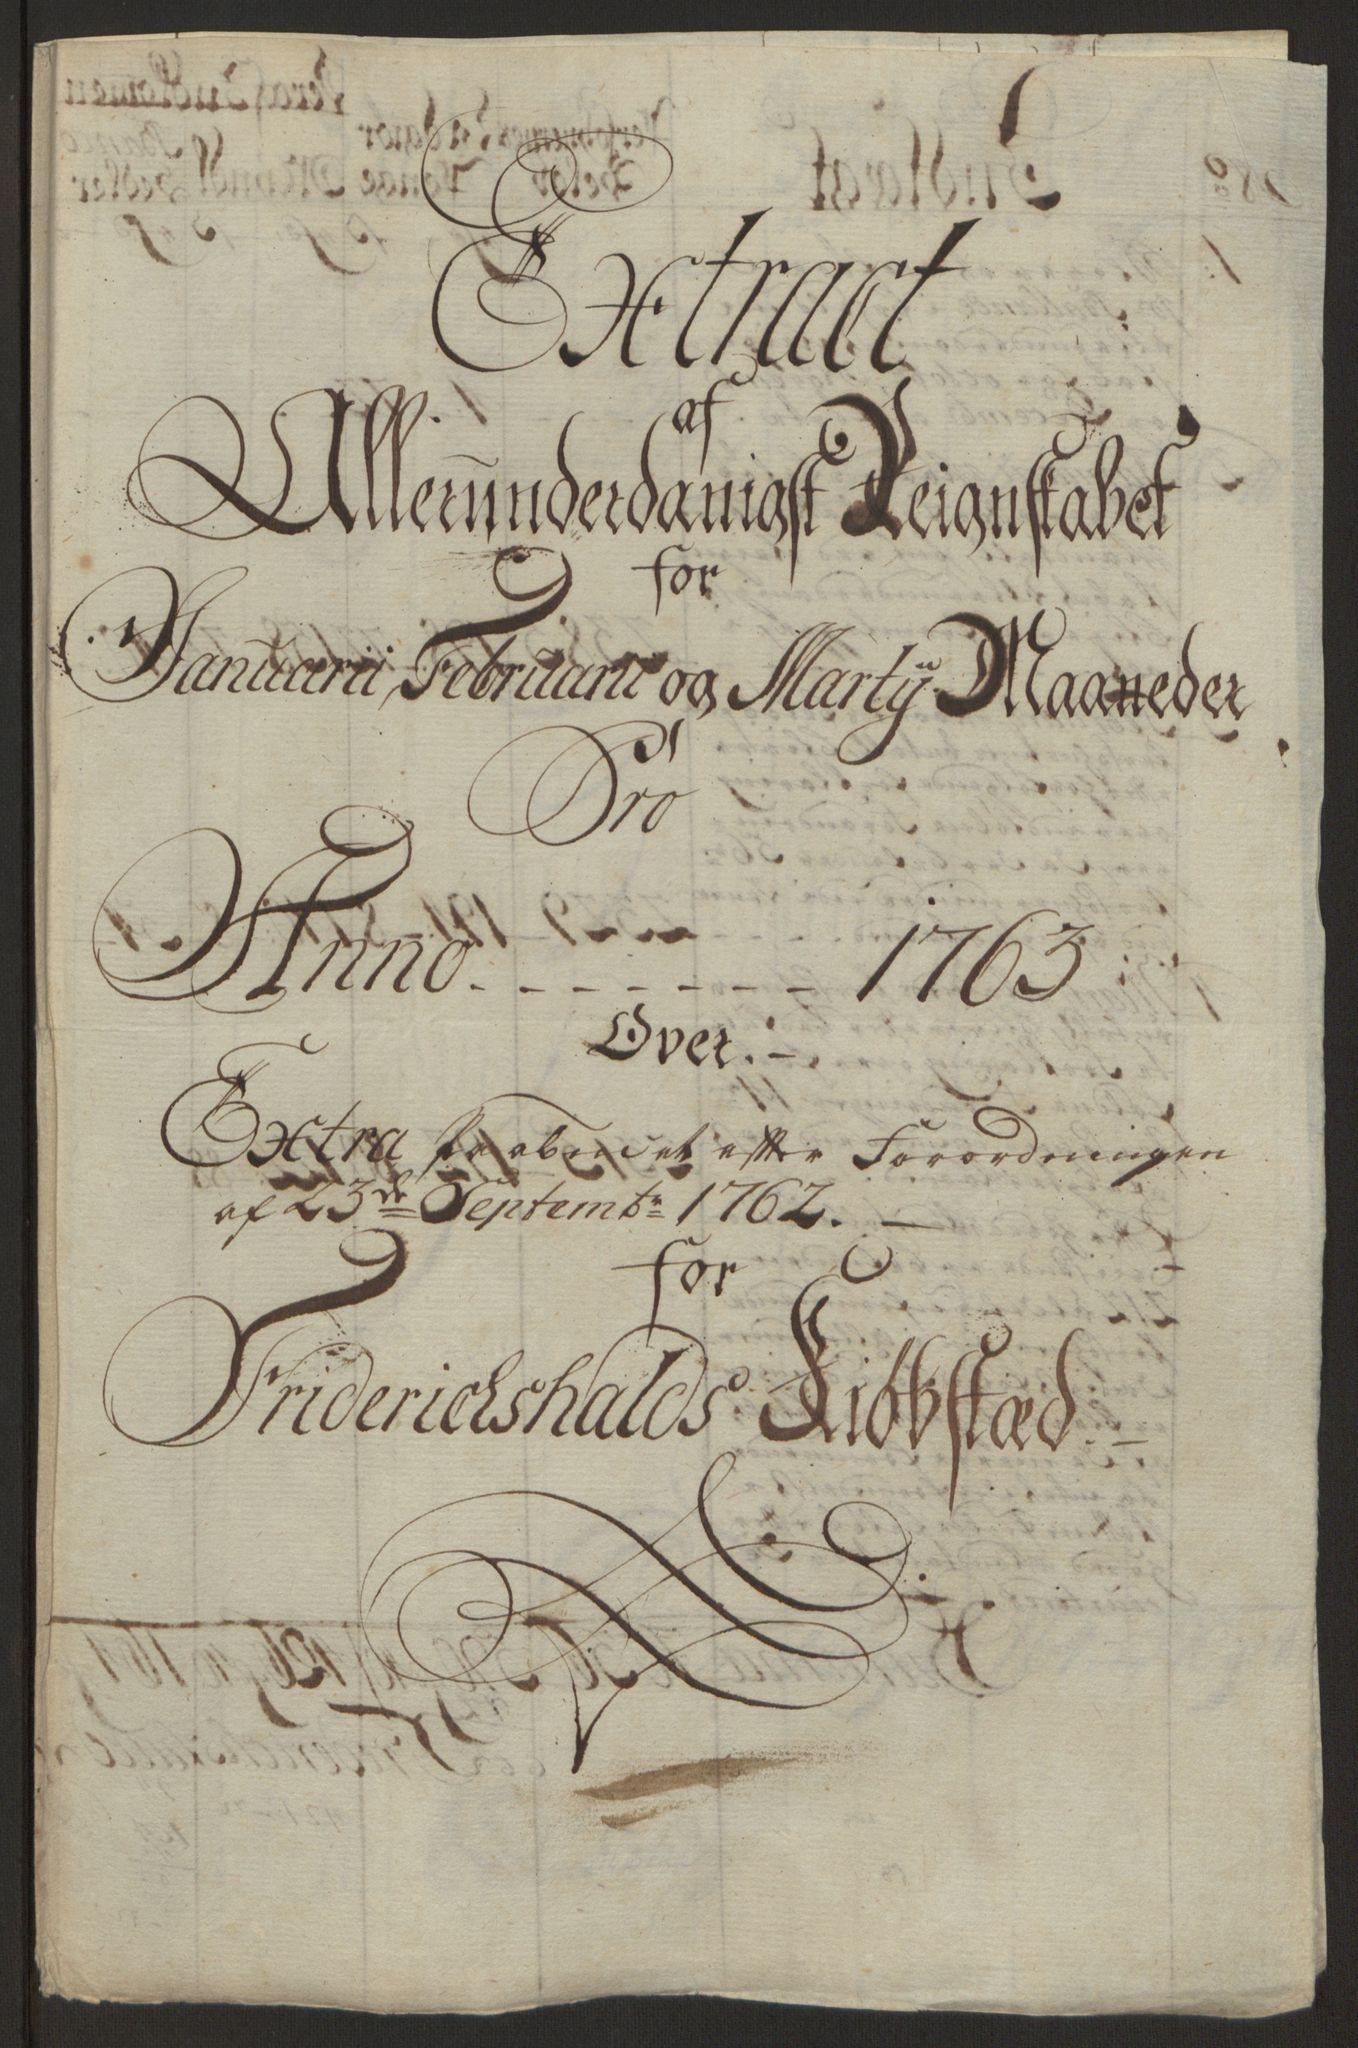 RA, Rentekammeret inntil 1814, Reviderte regnskaper, Byregnskaper, R/Ra/L0006: [A4] Kontribusjonsregnskap, 1762-1772, s. 73